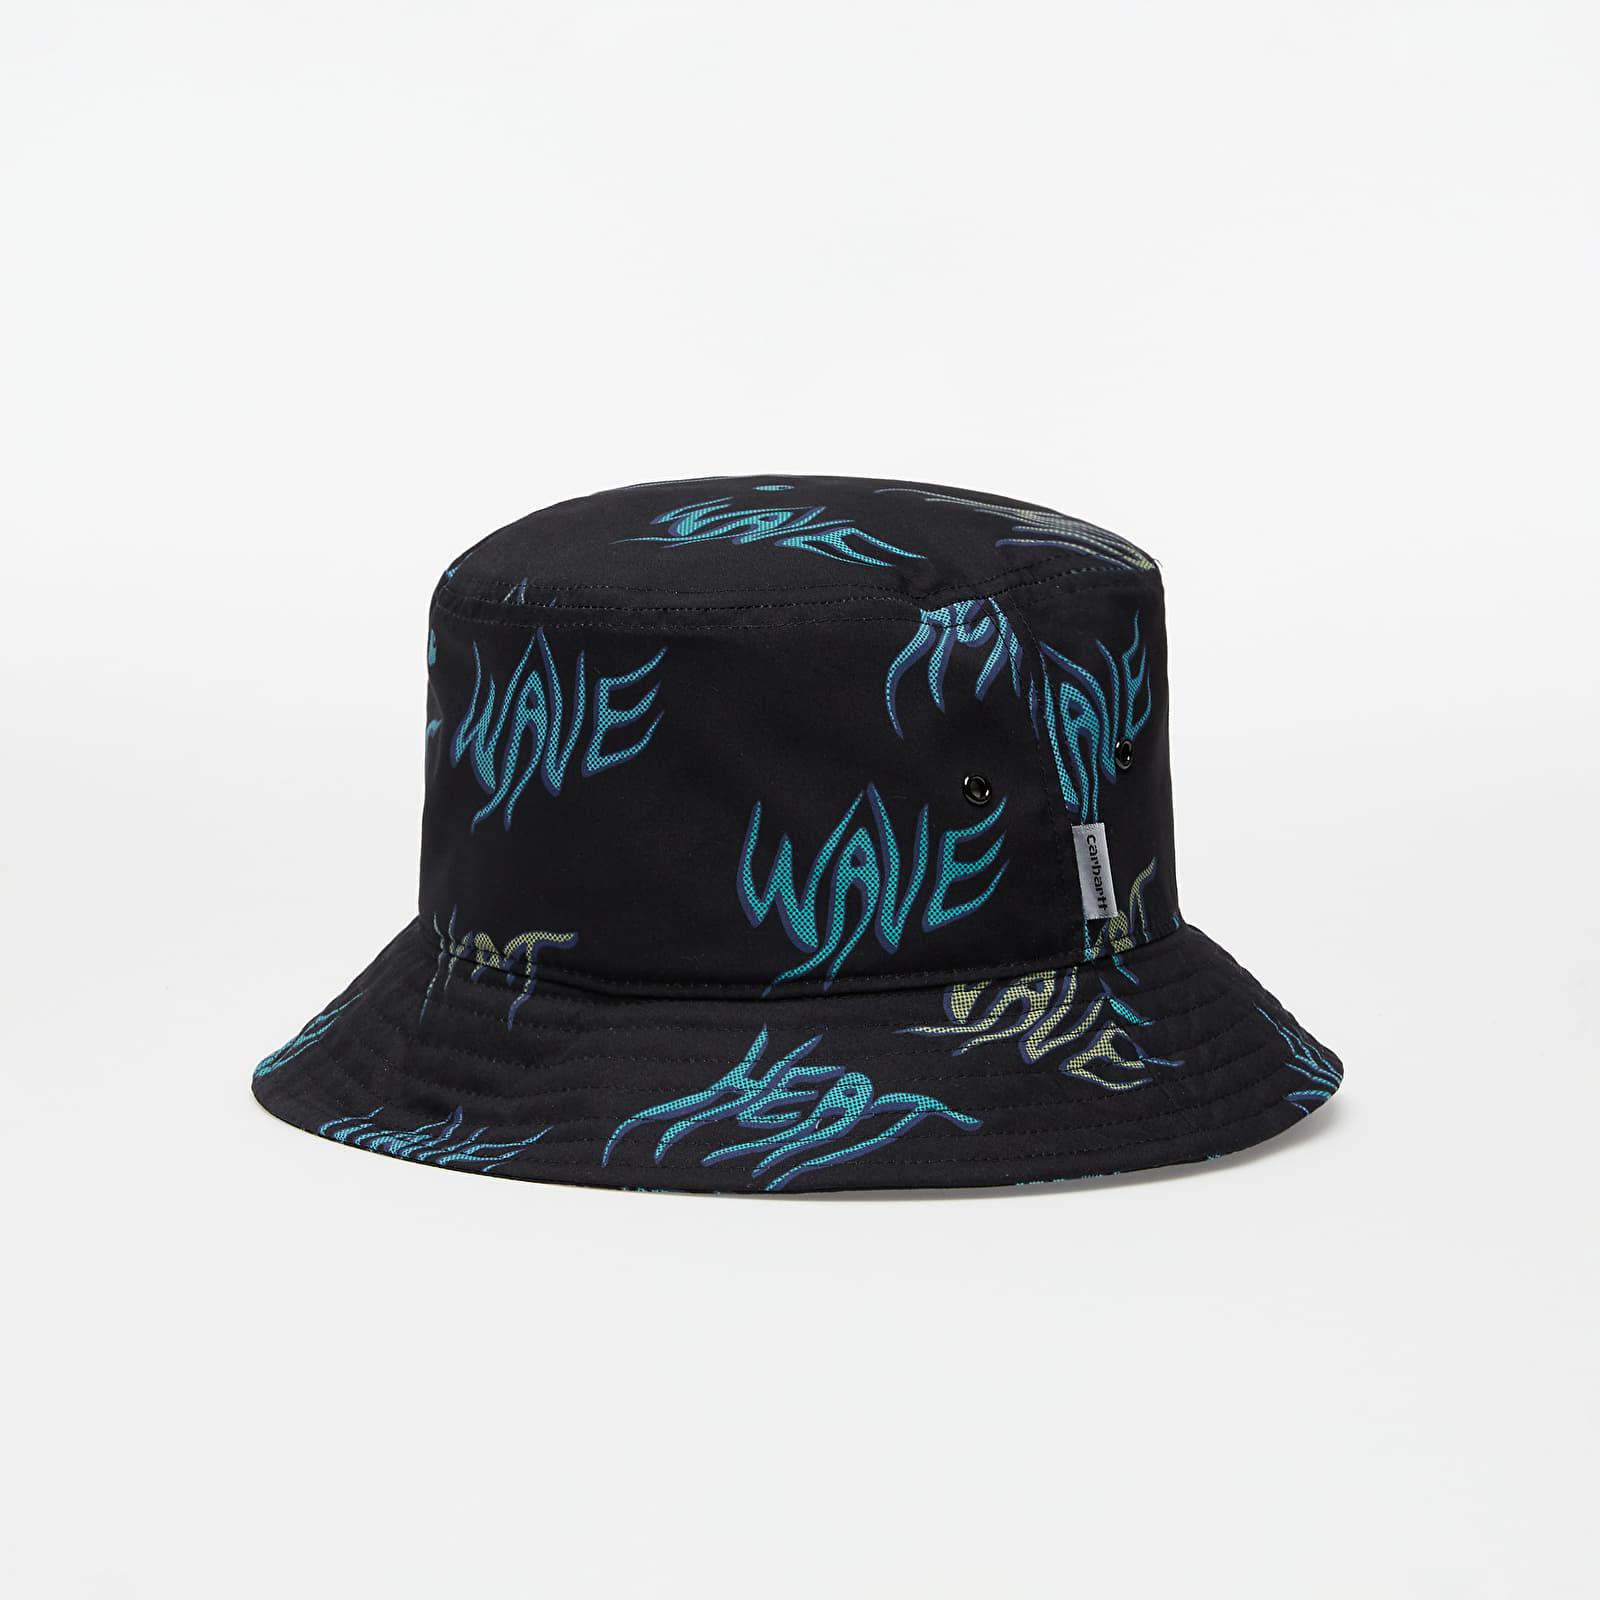 Carhartt WIP Heat Wave Bucket Hat Heat Wave Print/ Black M/L